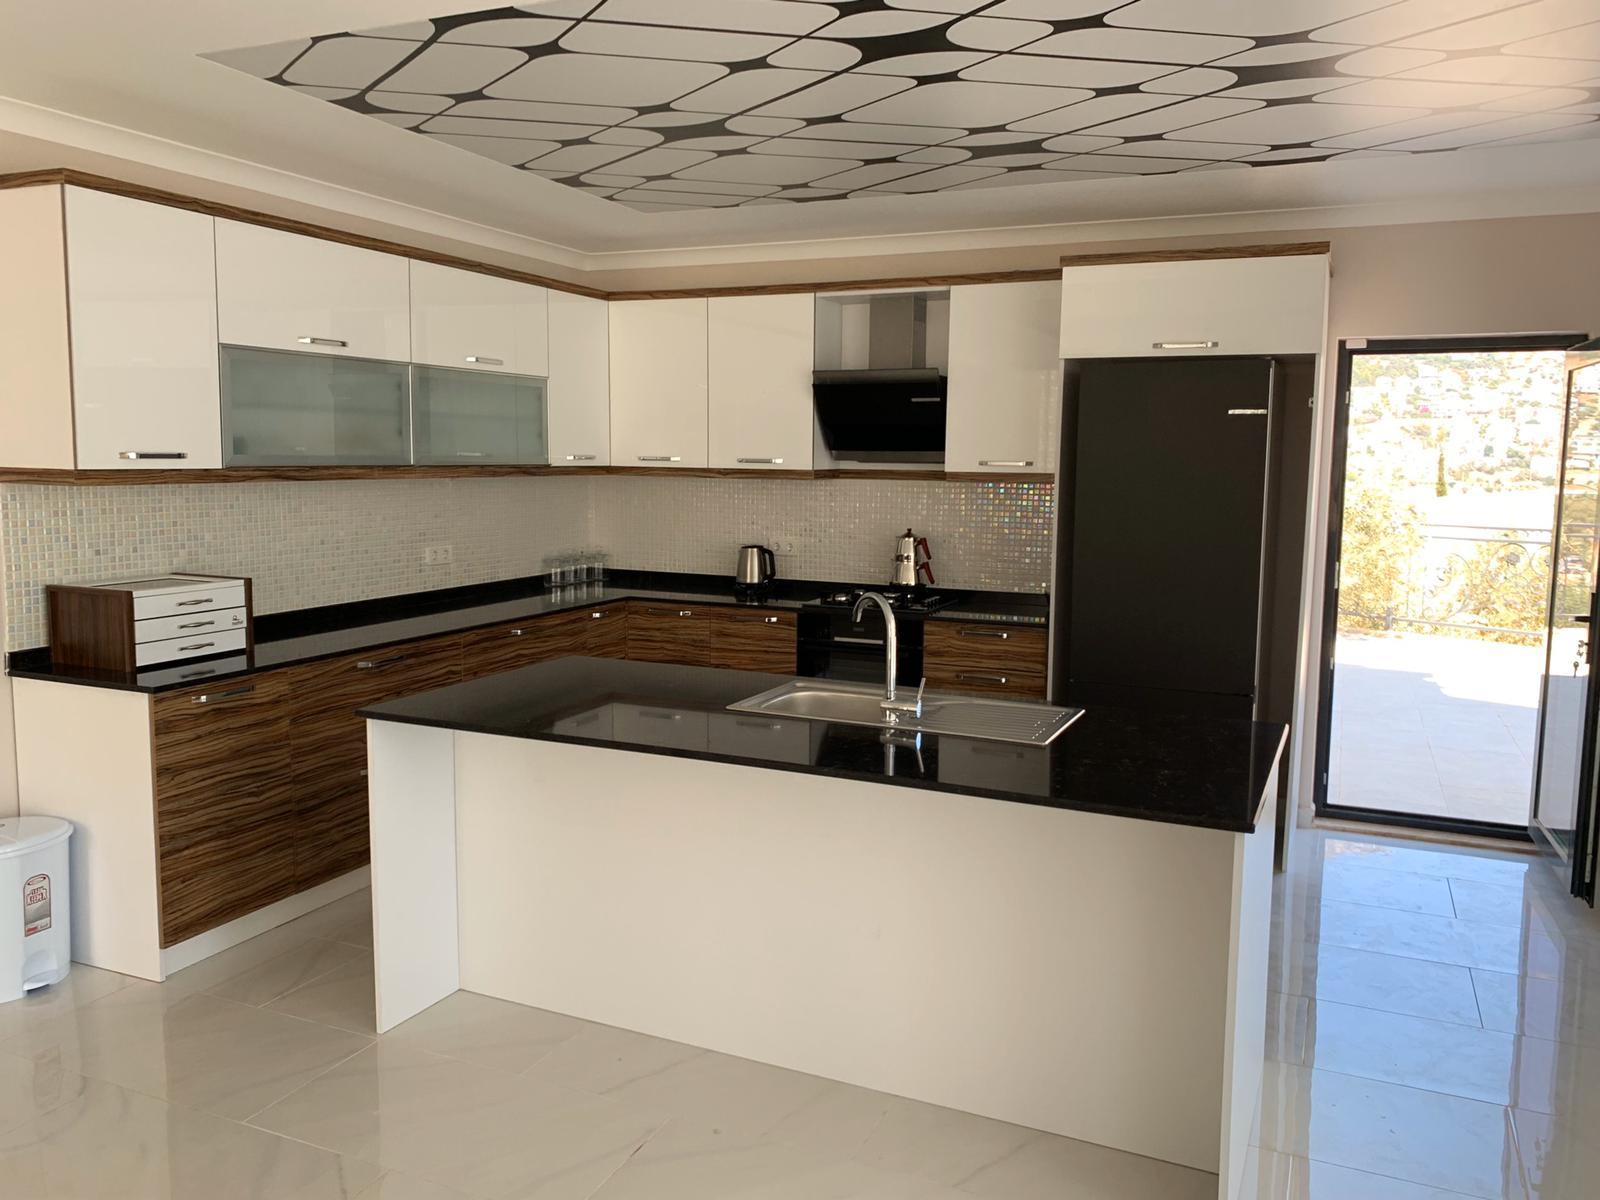 V840 kitchen